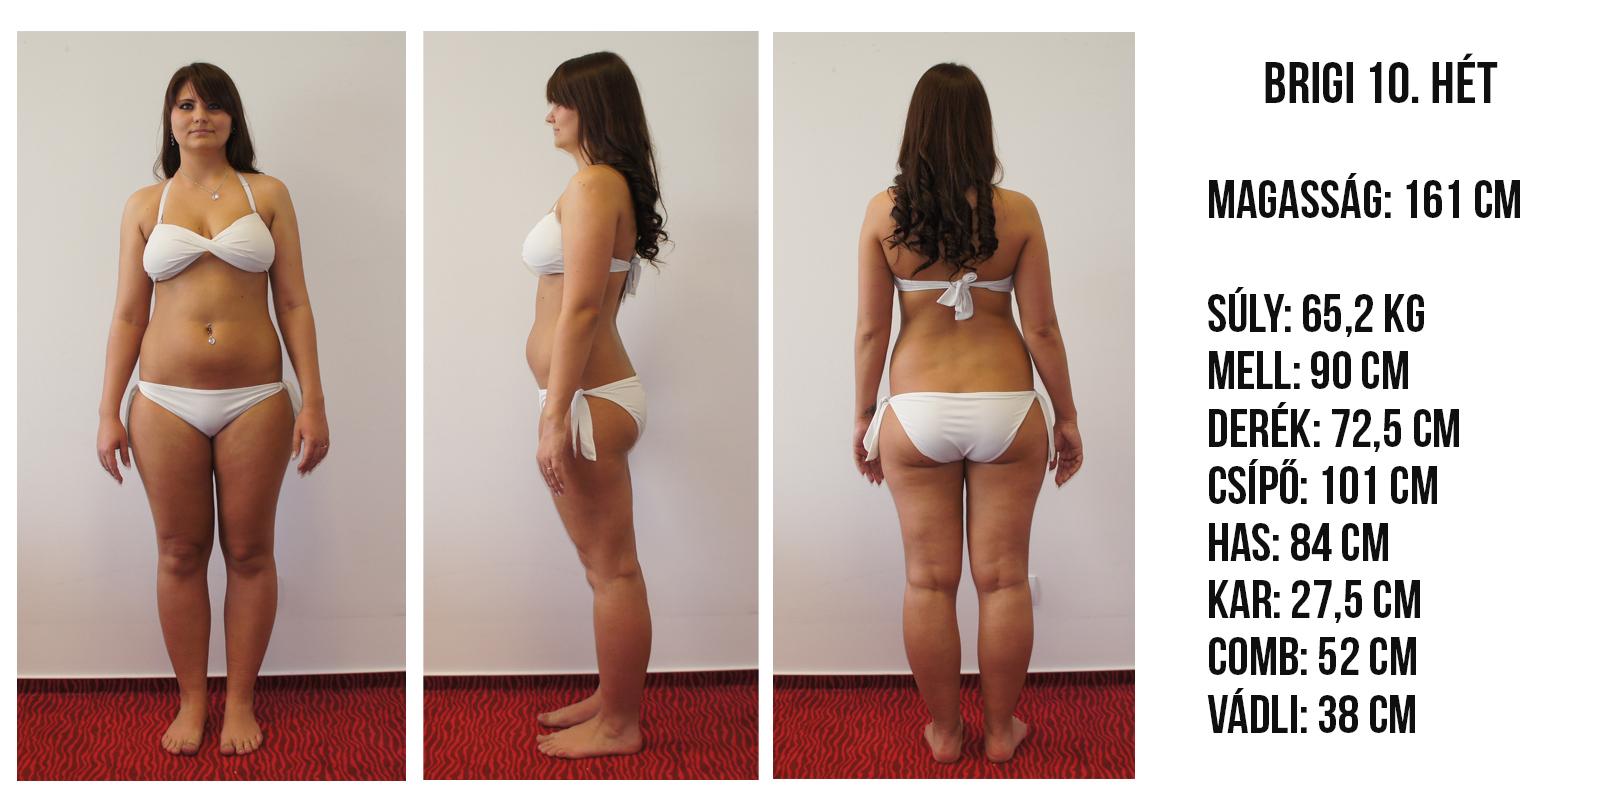 hogyan lehet lefogyni 65 kg